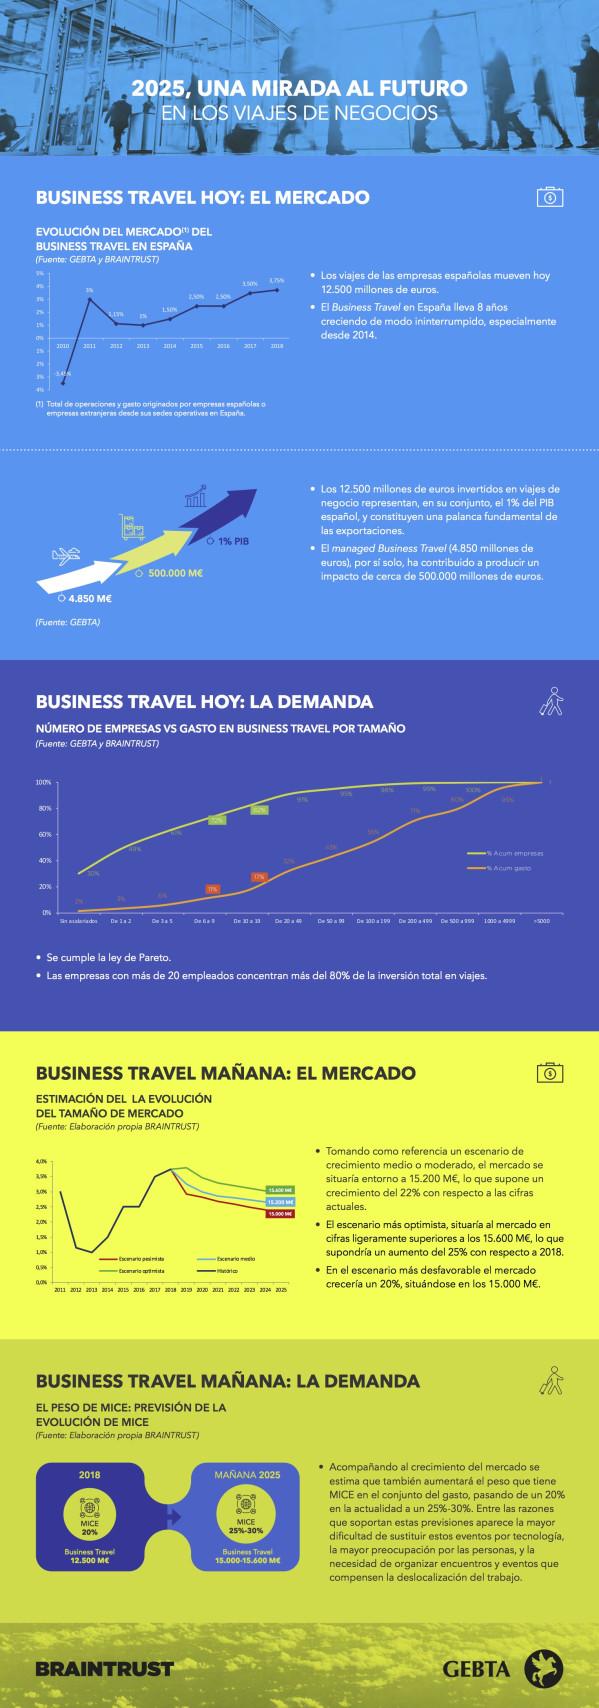 Hi GEBTA Infografia 2025 UNA MIRADA AL FUTURO EN LOS VIAJES DE NEGOCIOS